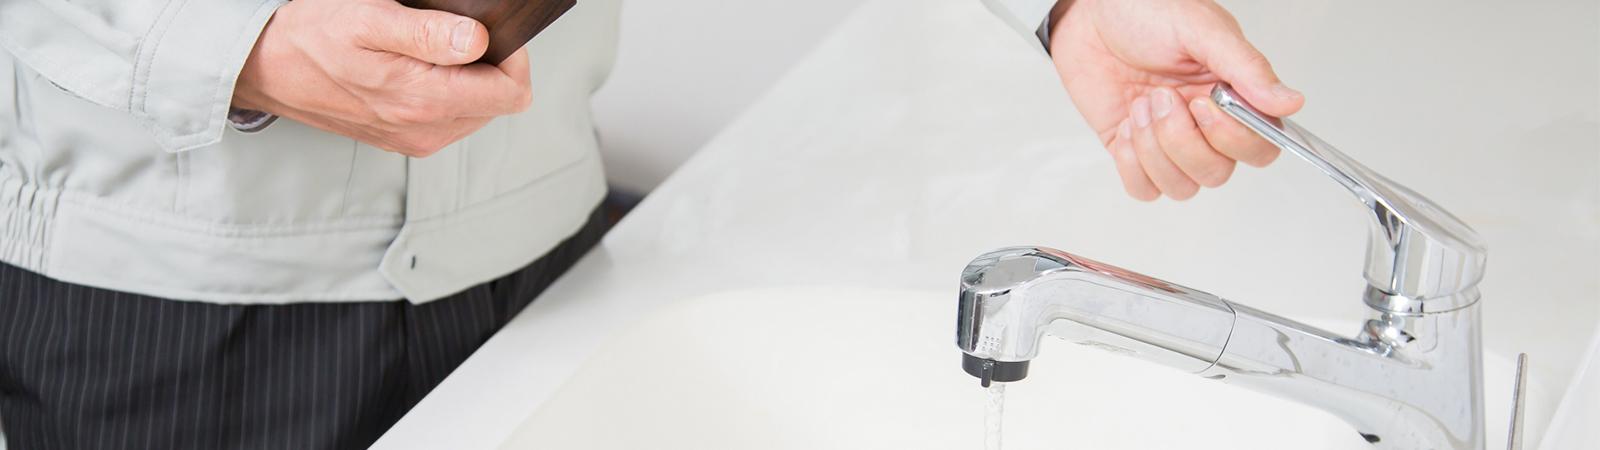 水道をチェックする業者のイメージ